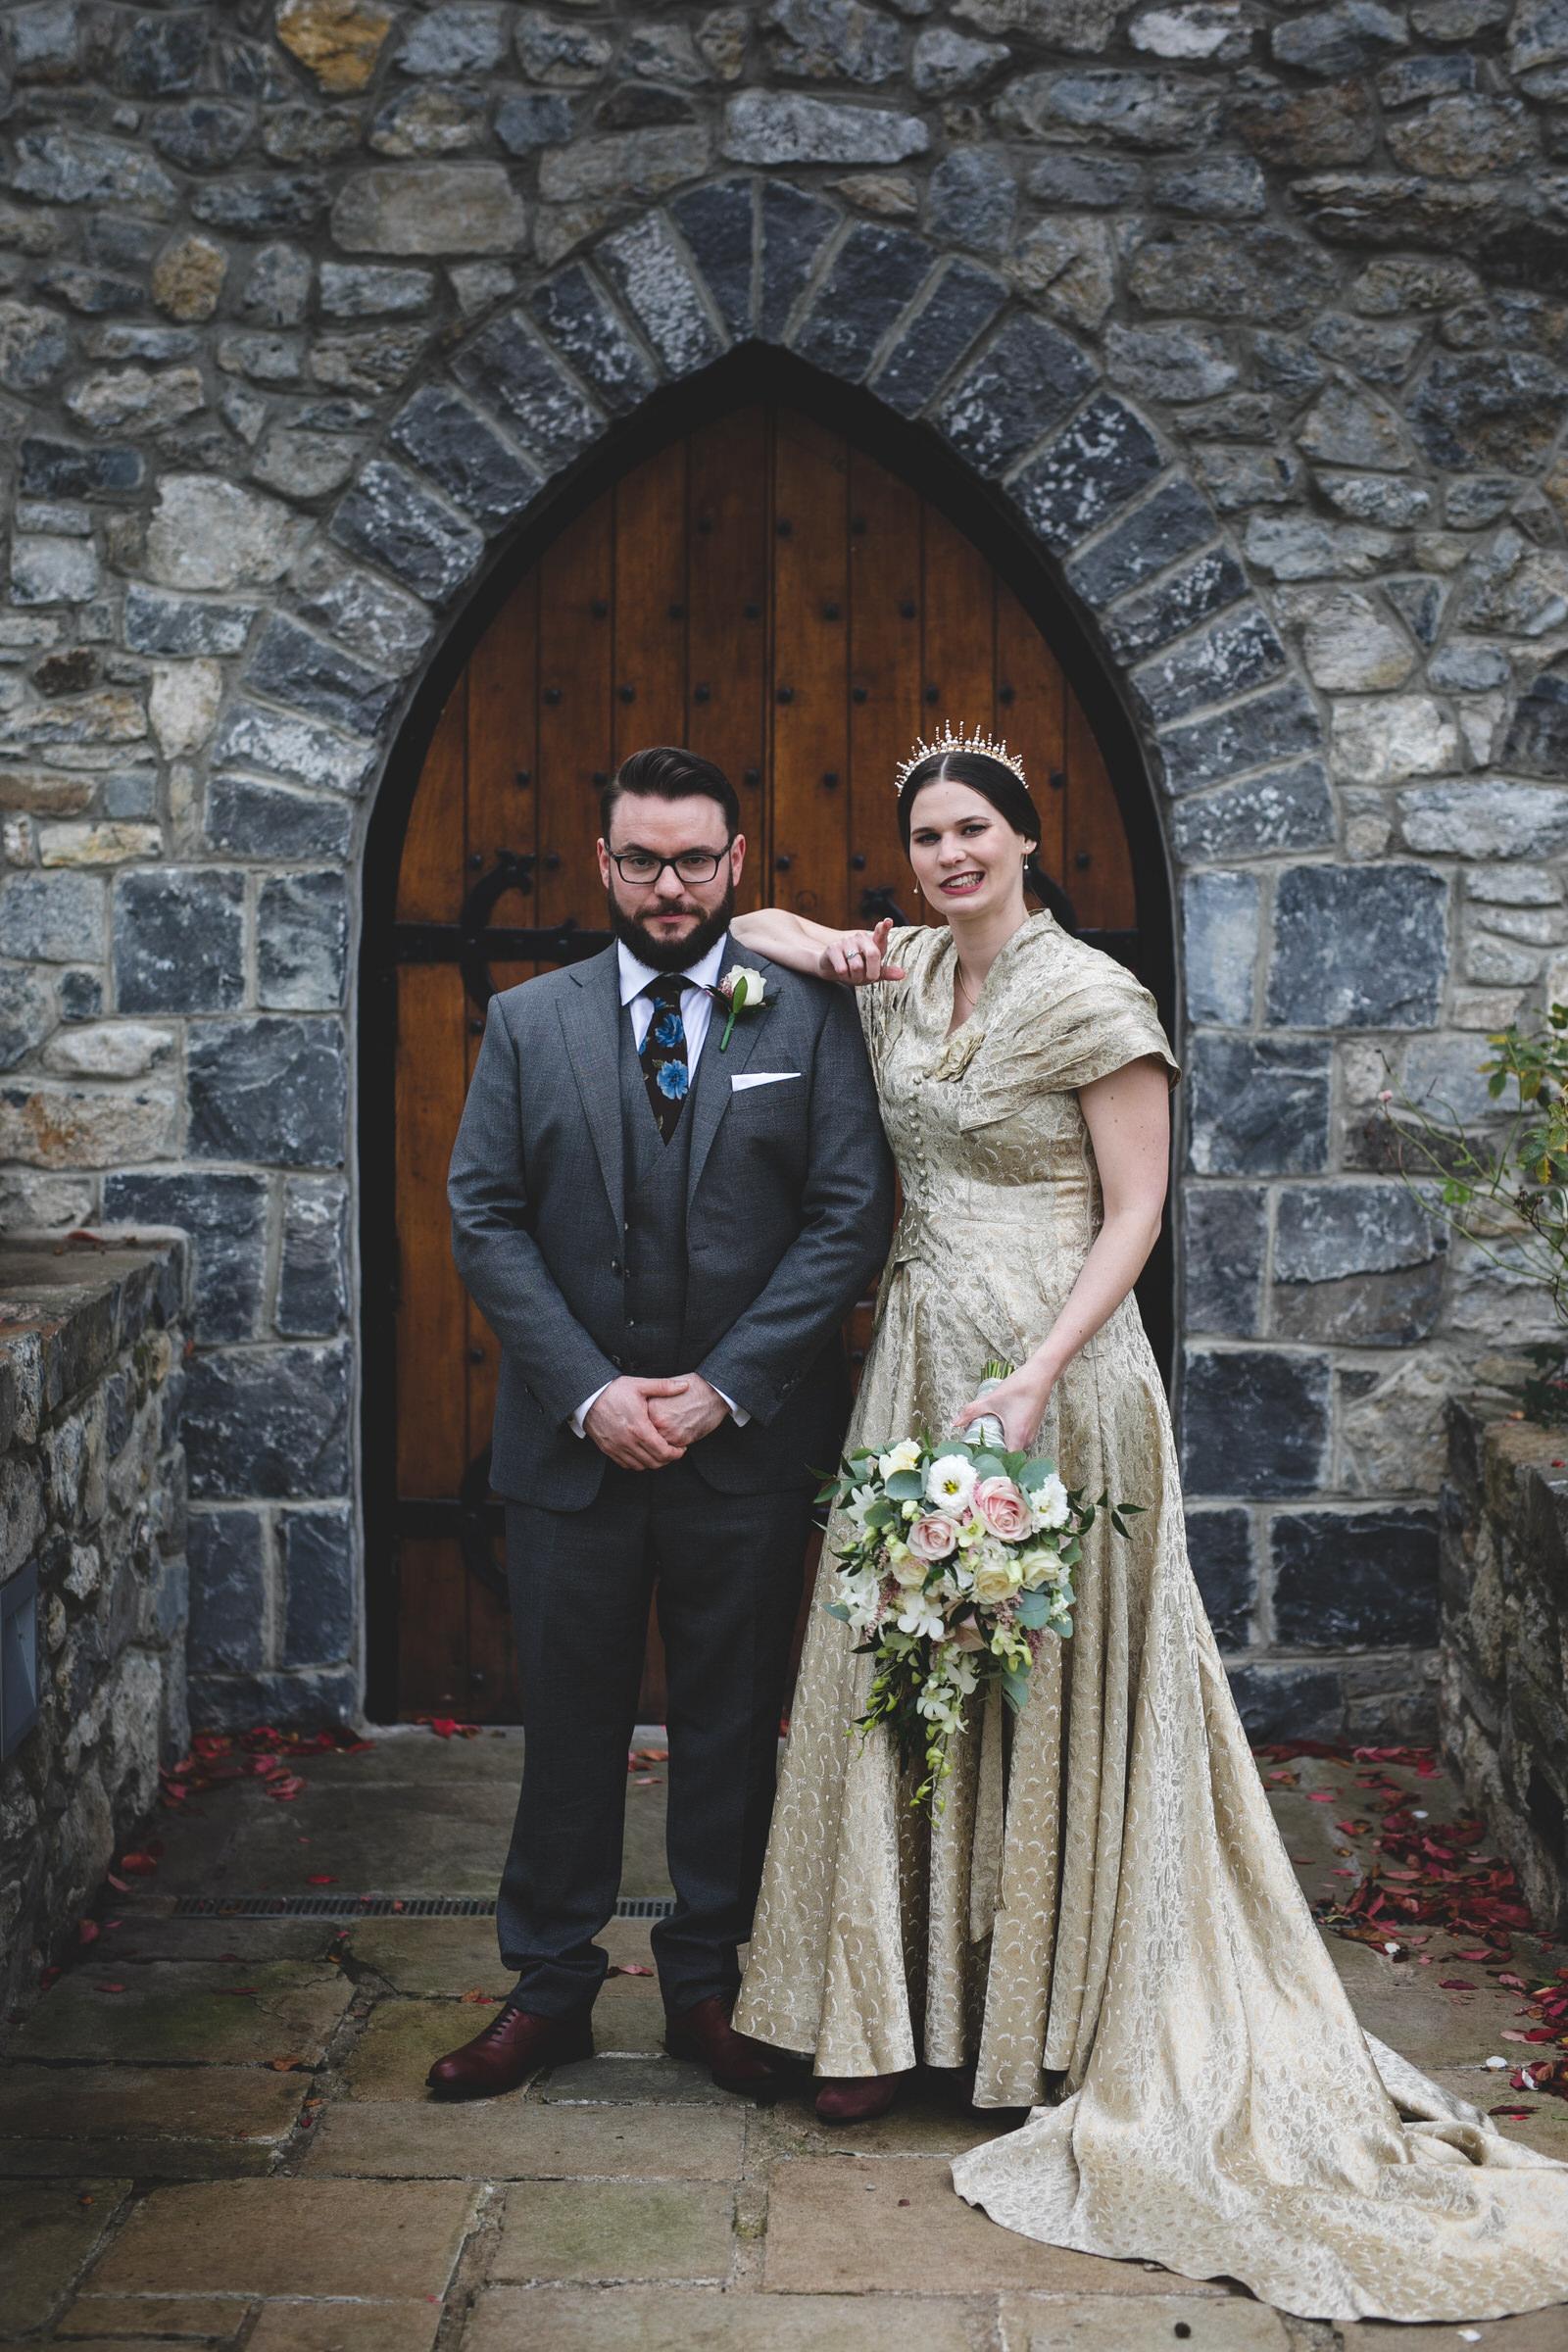 Fun wedding portraits at castle door in Barberstown castle Kildare